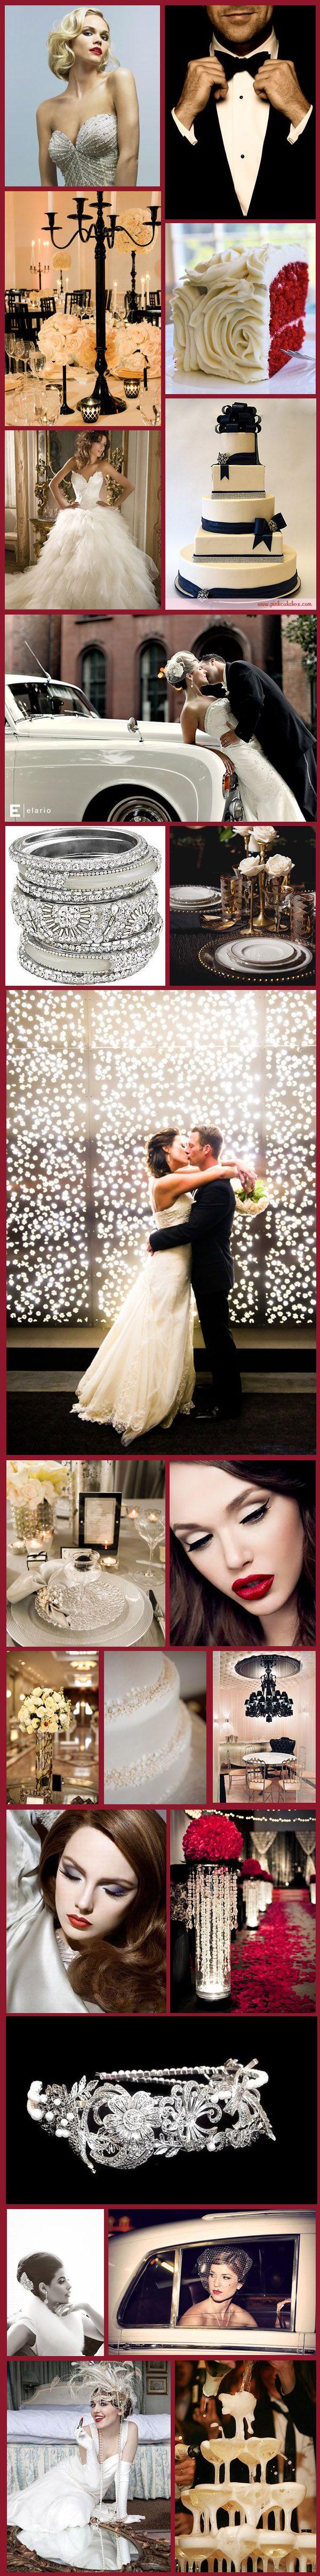 Wednesday Wedding Inspiration: Hollywood Glamour